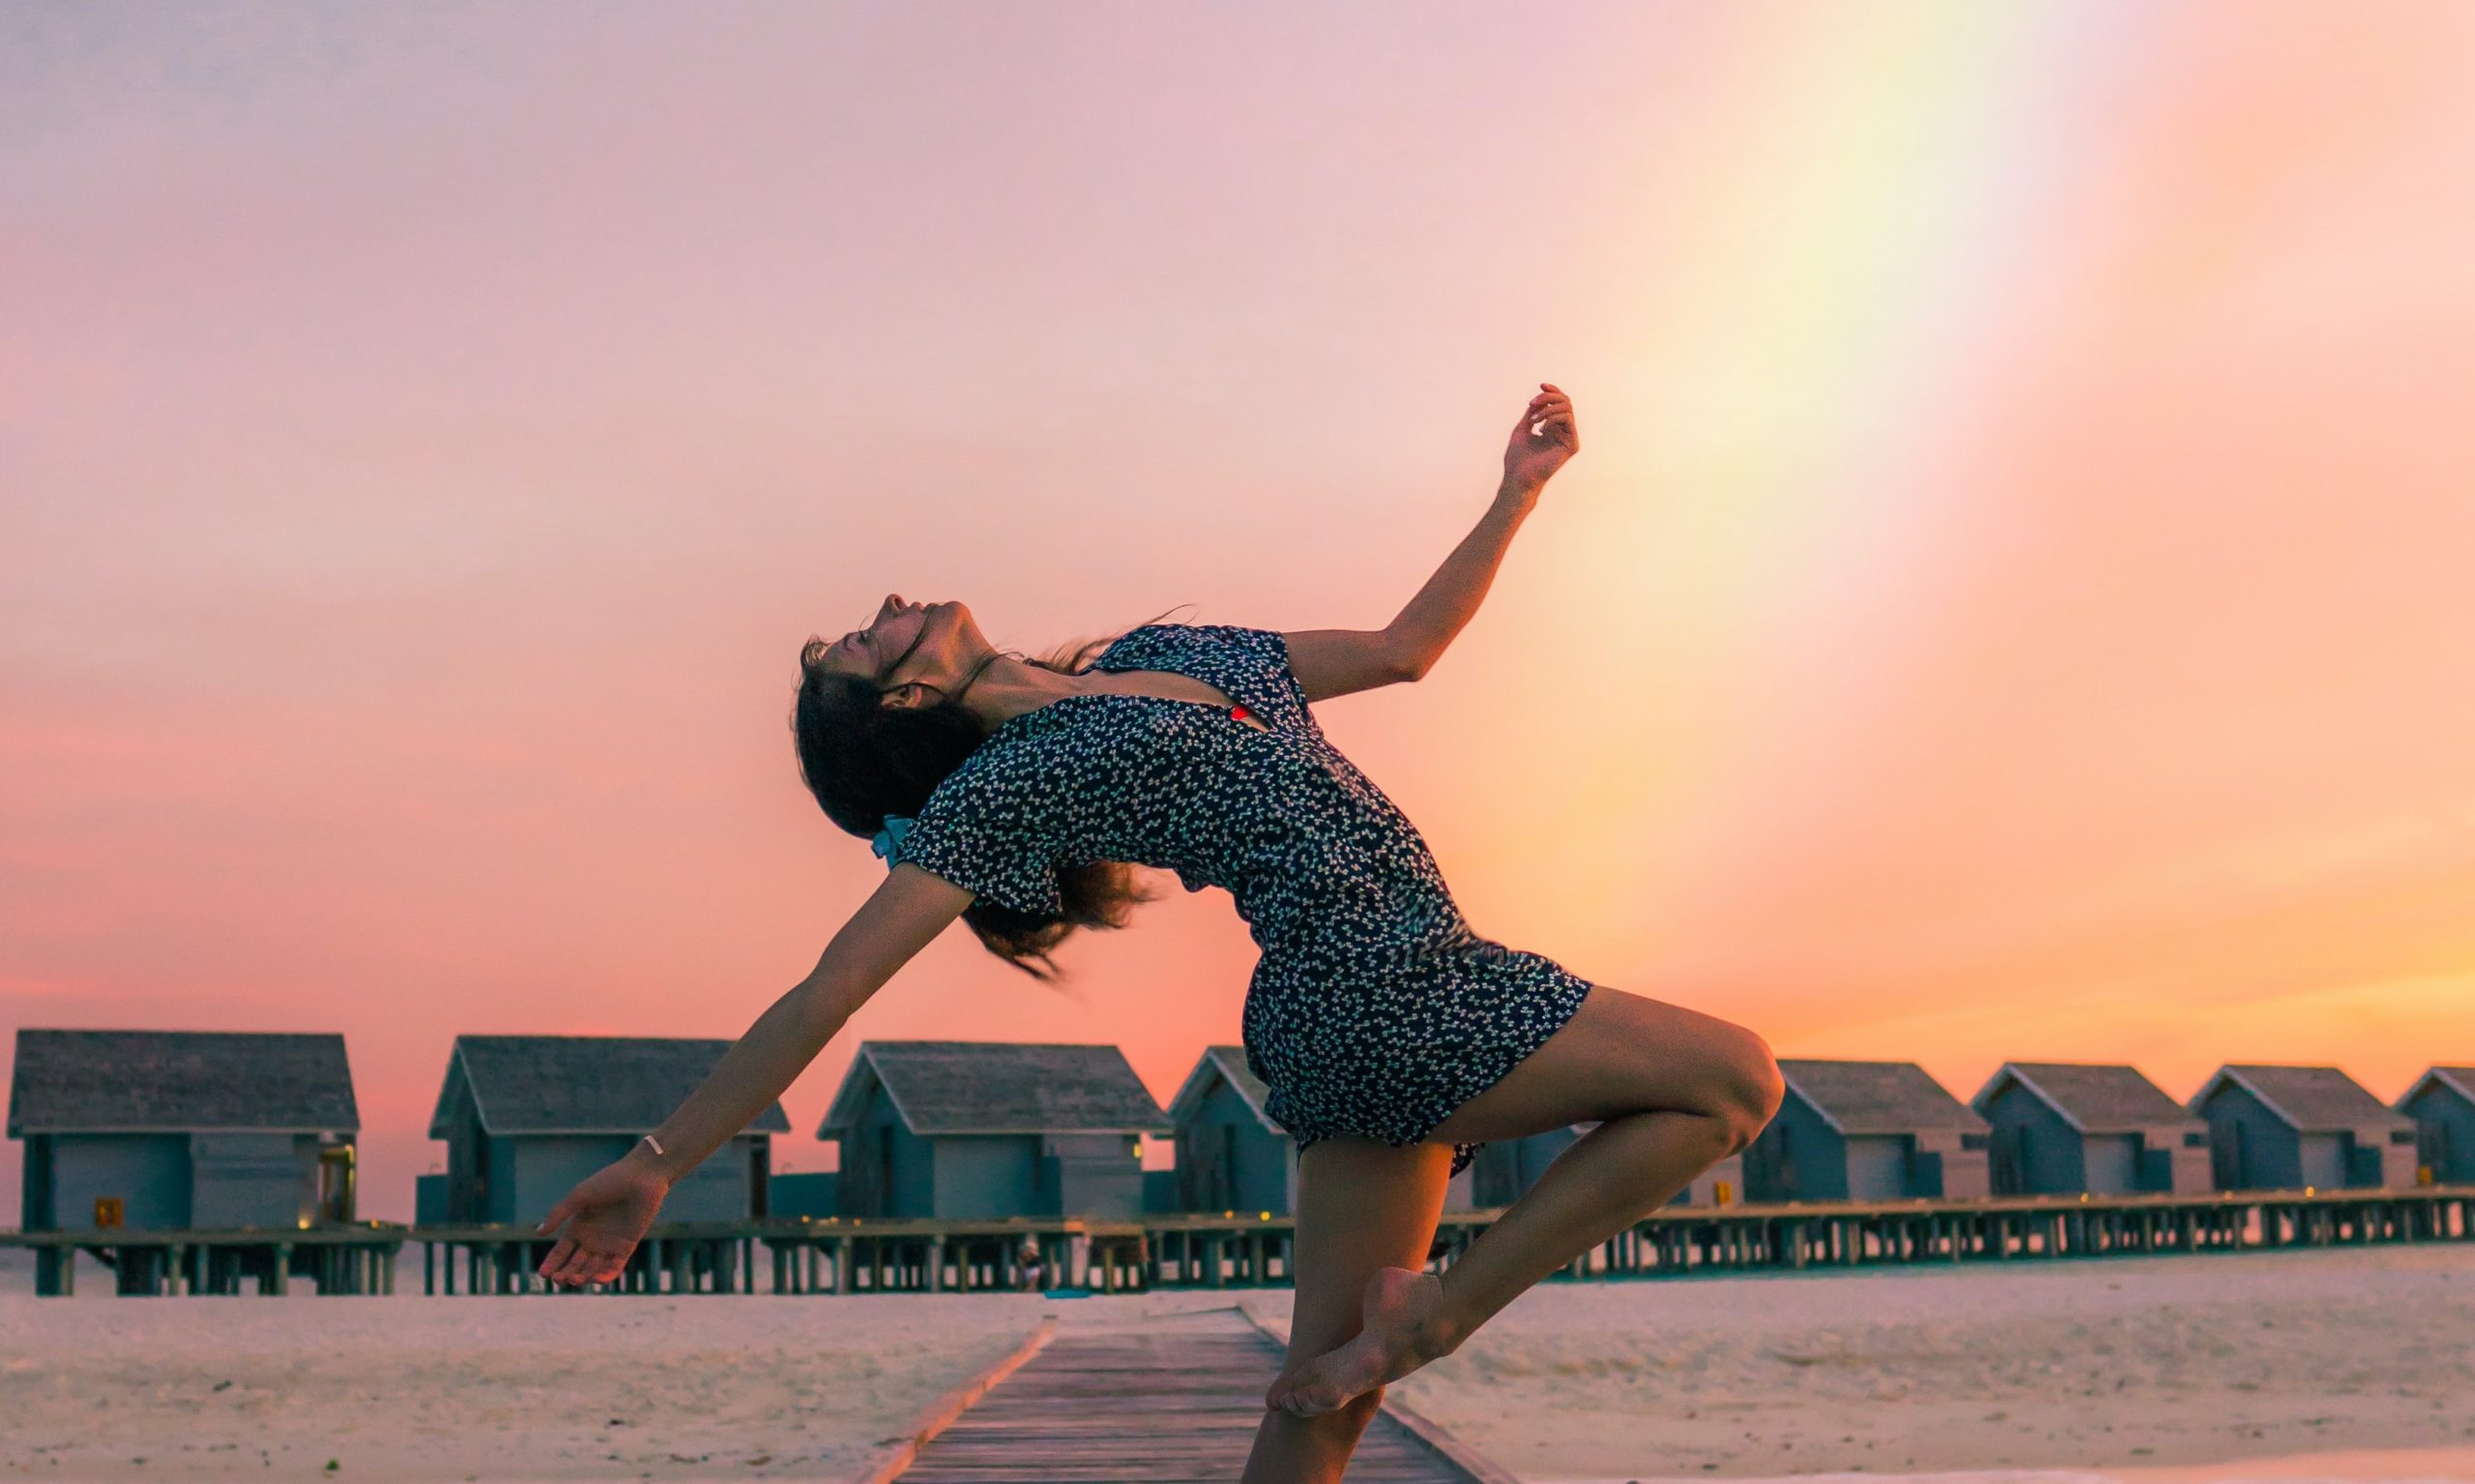 運動神経無さ過ぎダンスが面白い